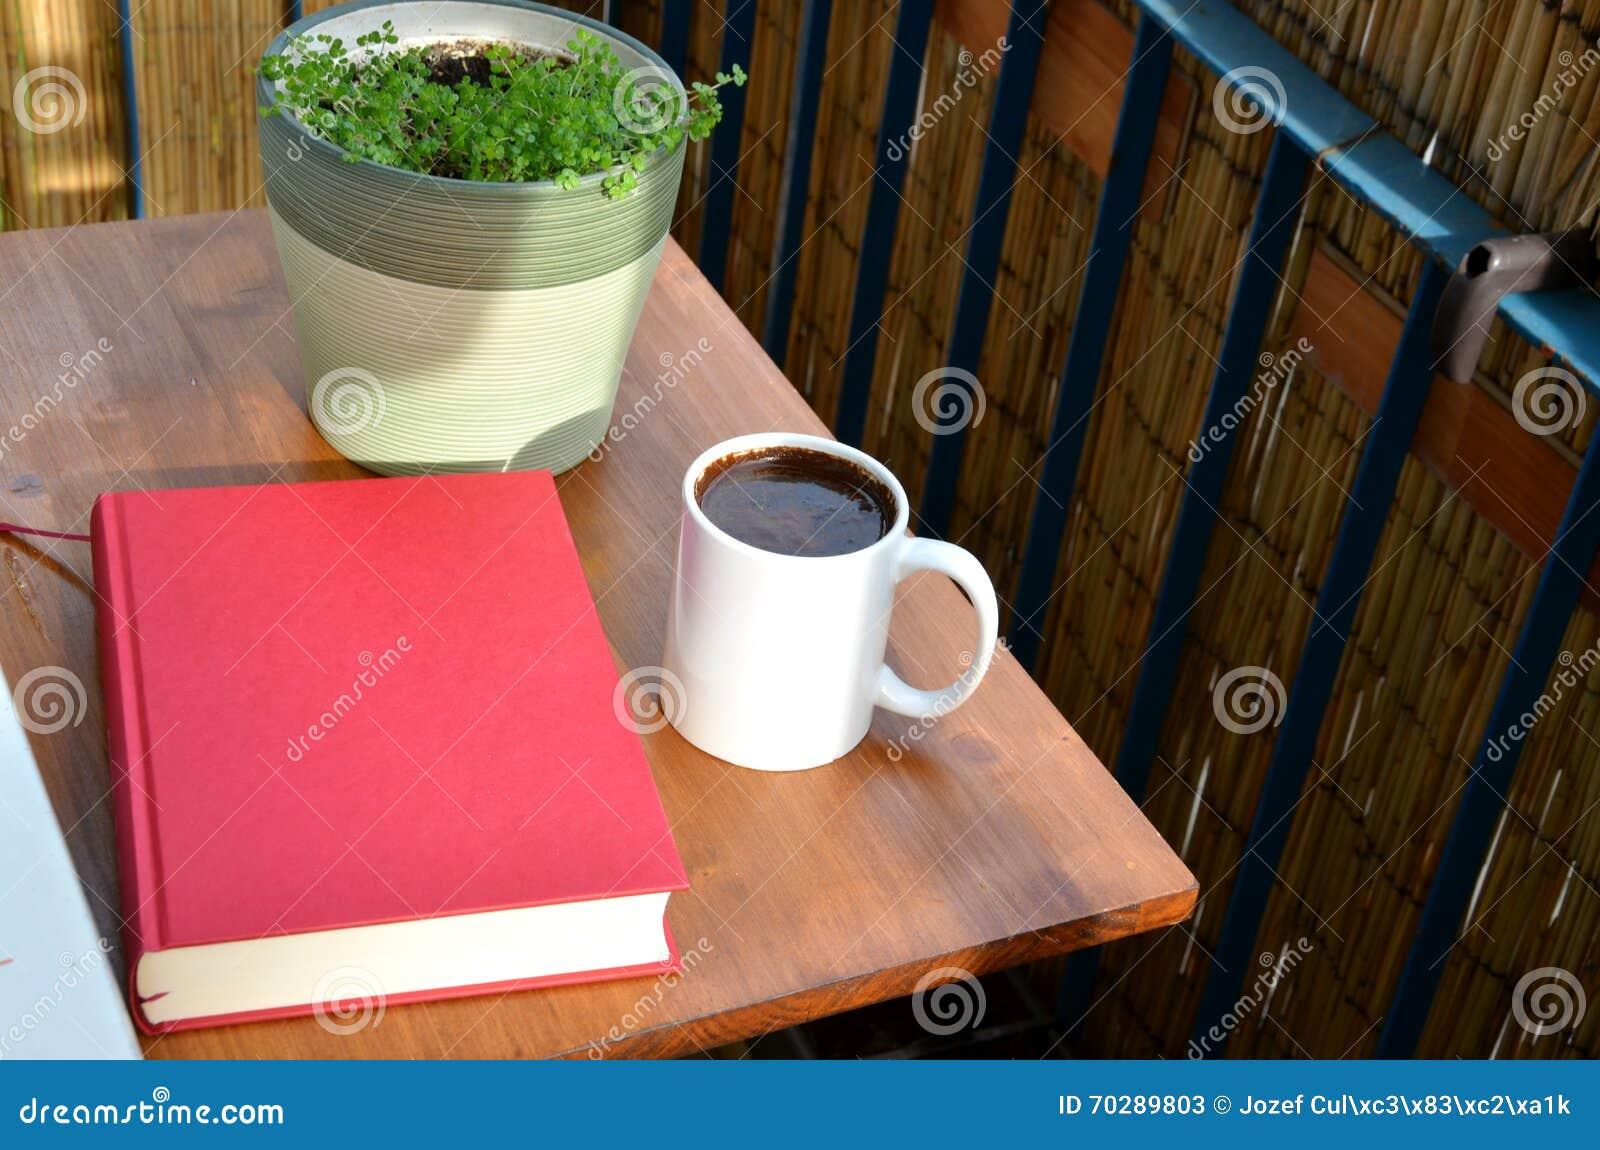 Livre Rouge, Tasse De Café Et Plante Verte Dans Le Pot De Fleurs Sur ...